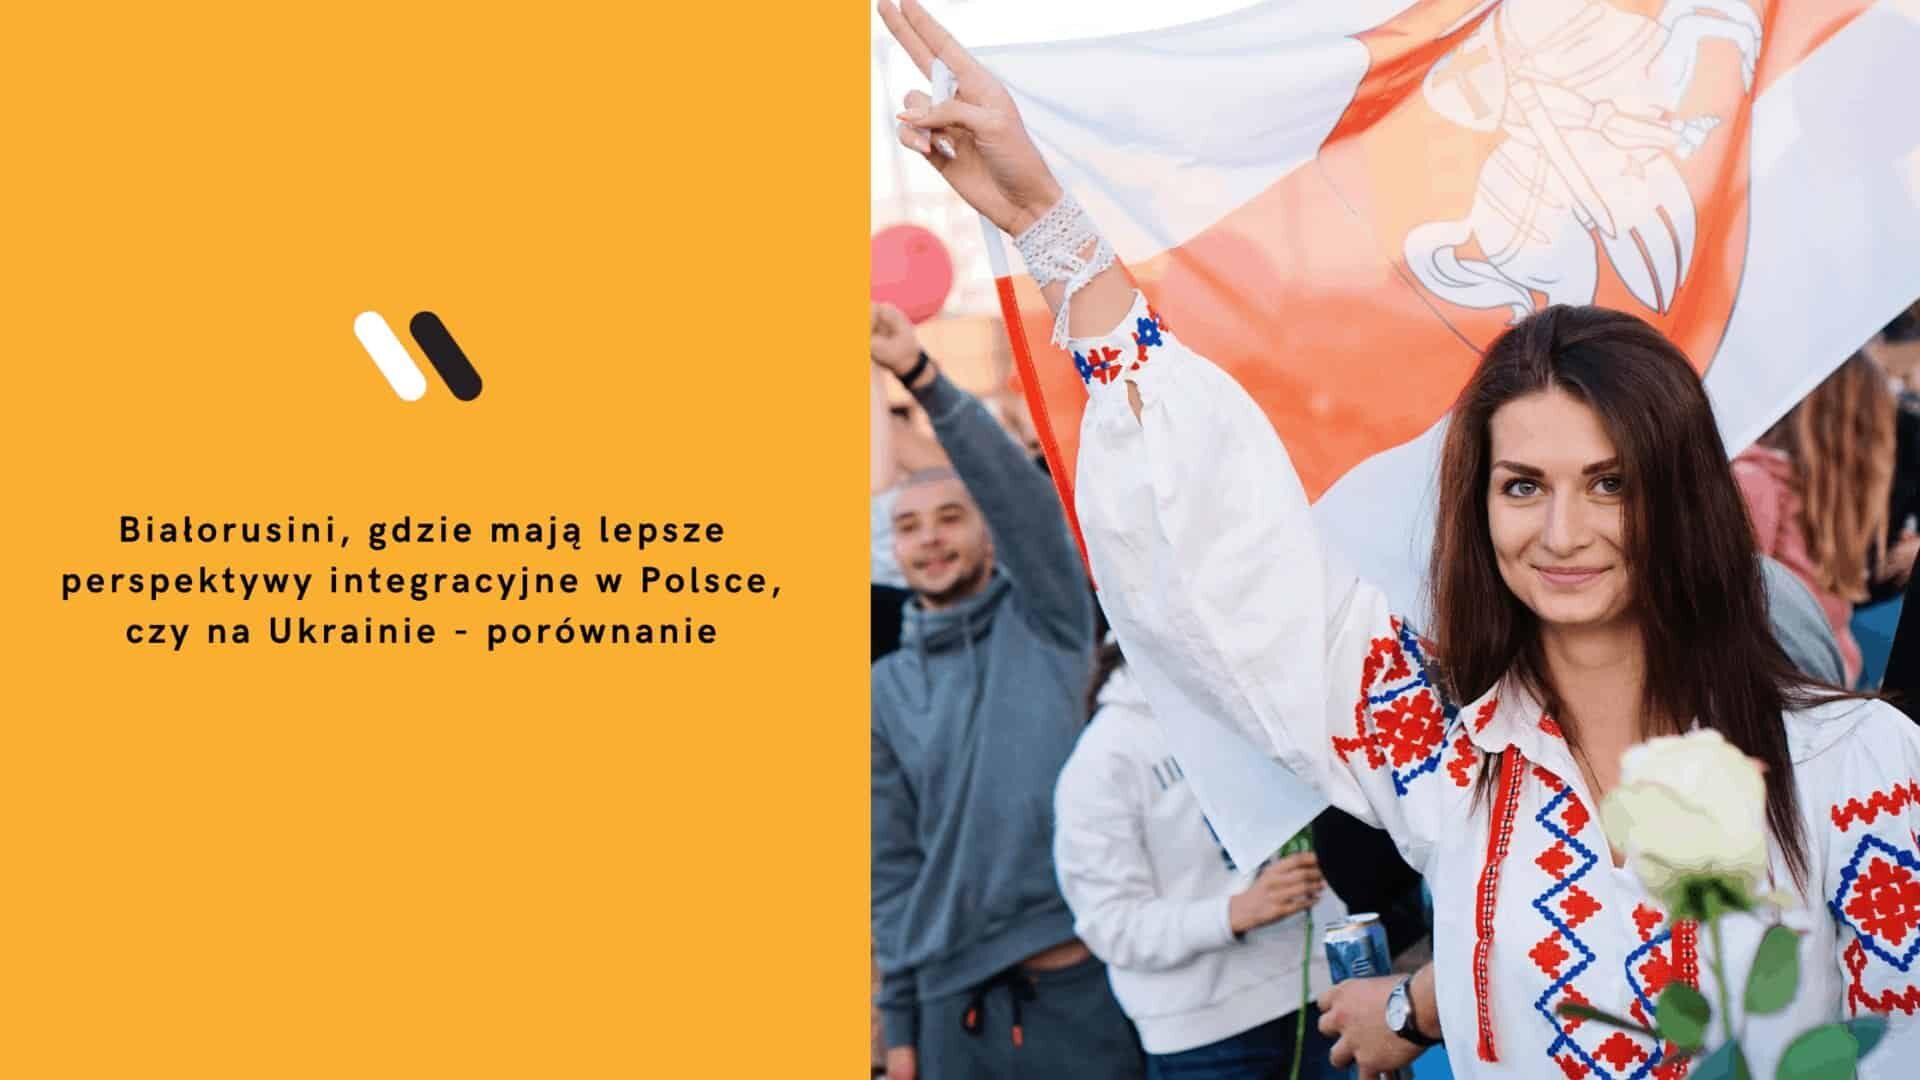 Białorusini, gdzie mają lepsze perspektywy integracyjne w Polsce, czy na Ukrainie